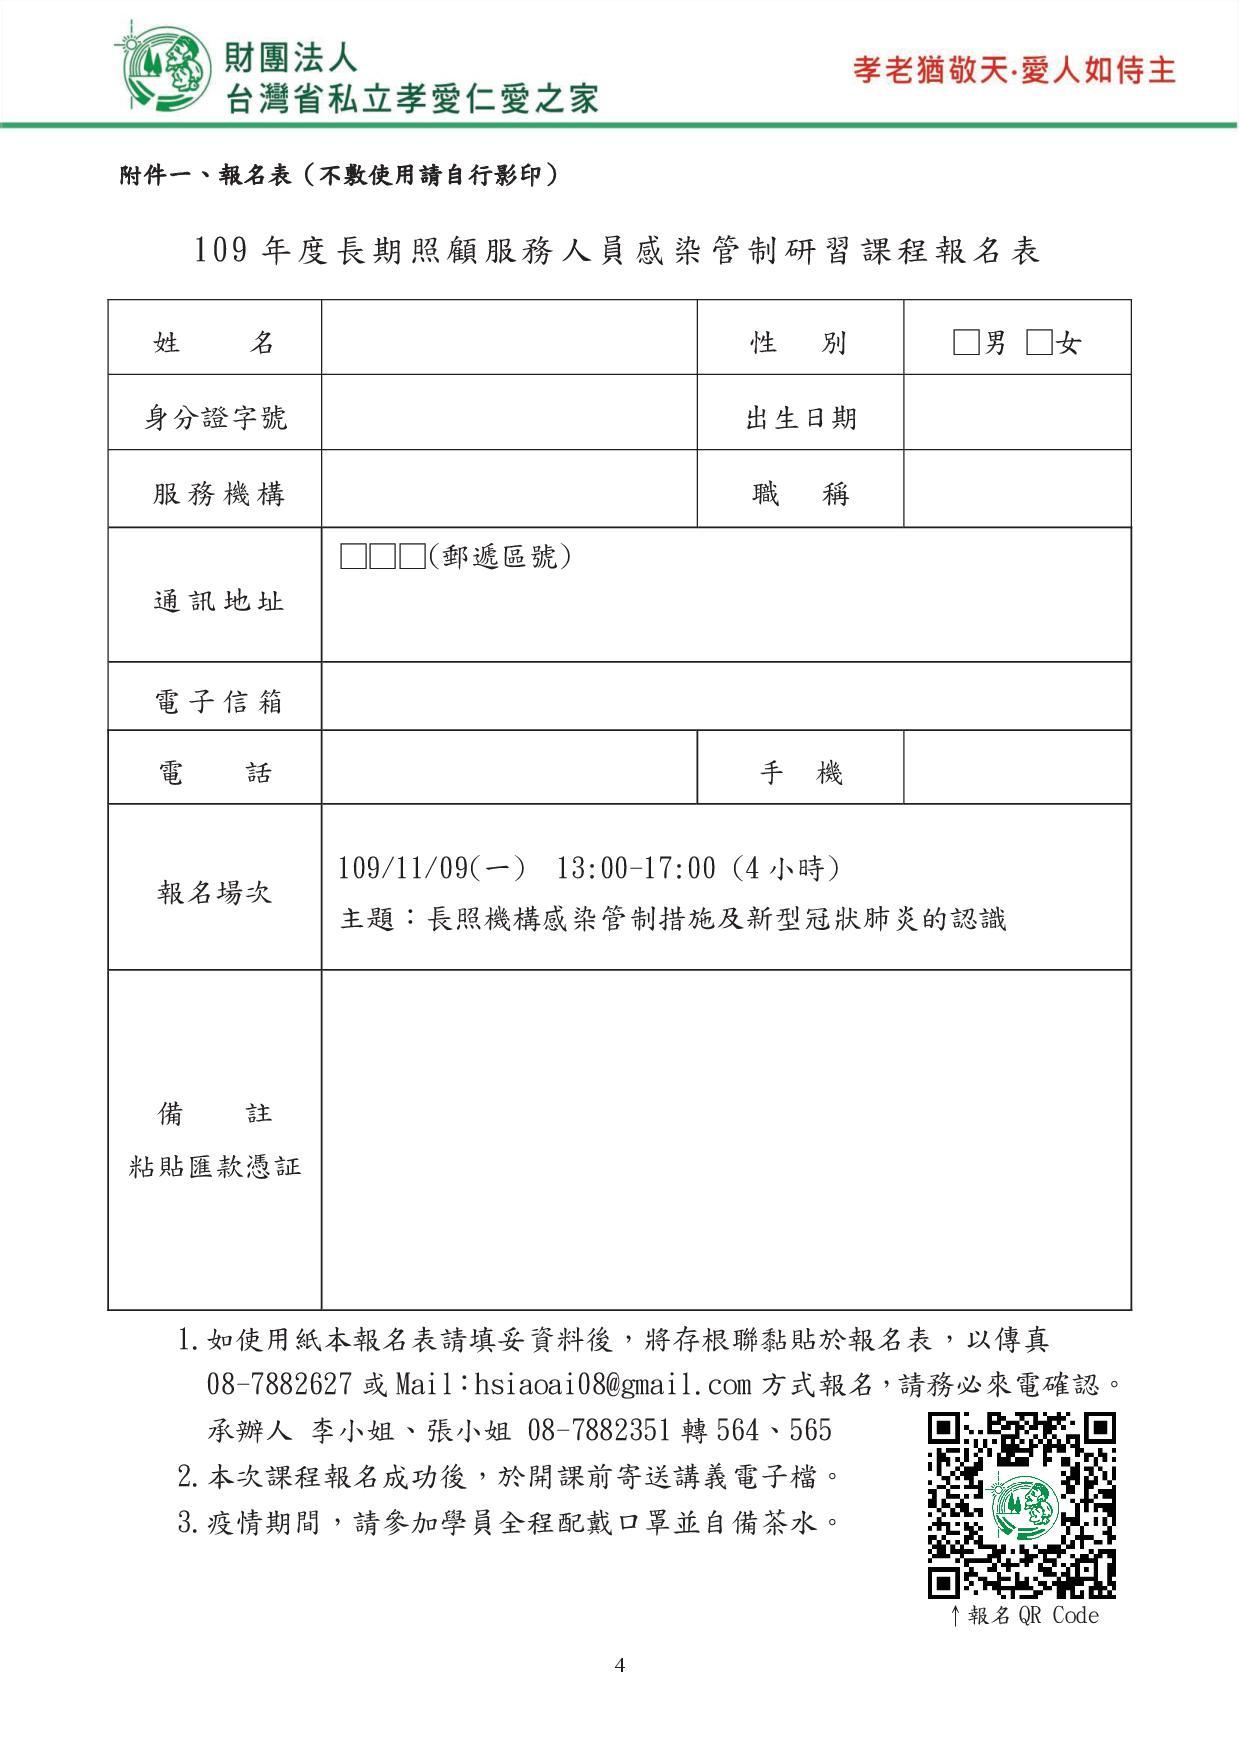 02-(計畫)109.11.09長期照顧服務人員感染管制研習課程計畫4